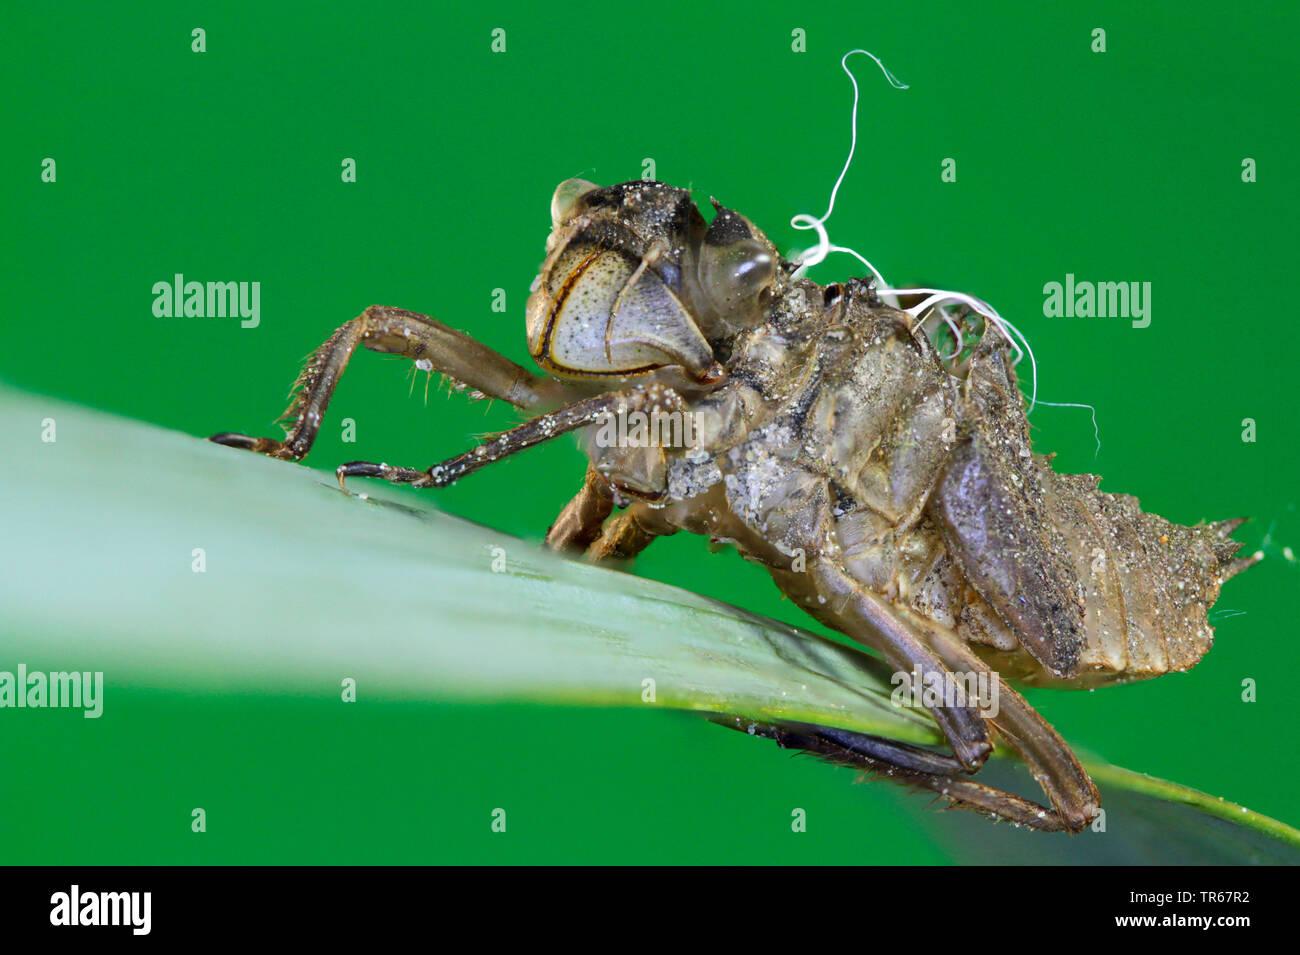 Grosse Heidelibelle (Sympetrum striolatum), Exuvie auf einem Grashalm, Deutschland, Mecklenburg-Vorpommern   common sympetrum, common darter (Sympetru - Stock Image